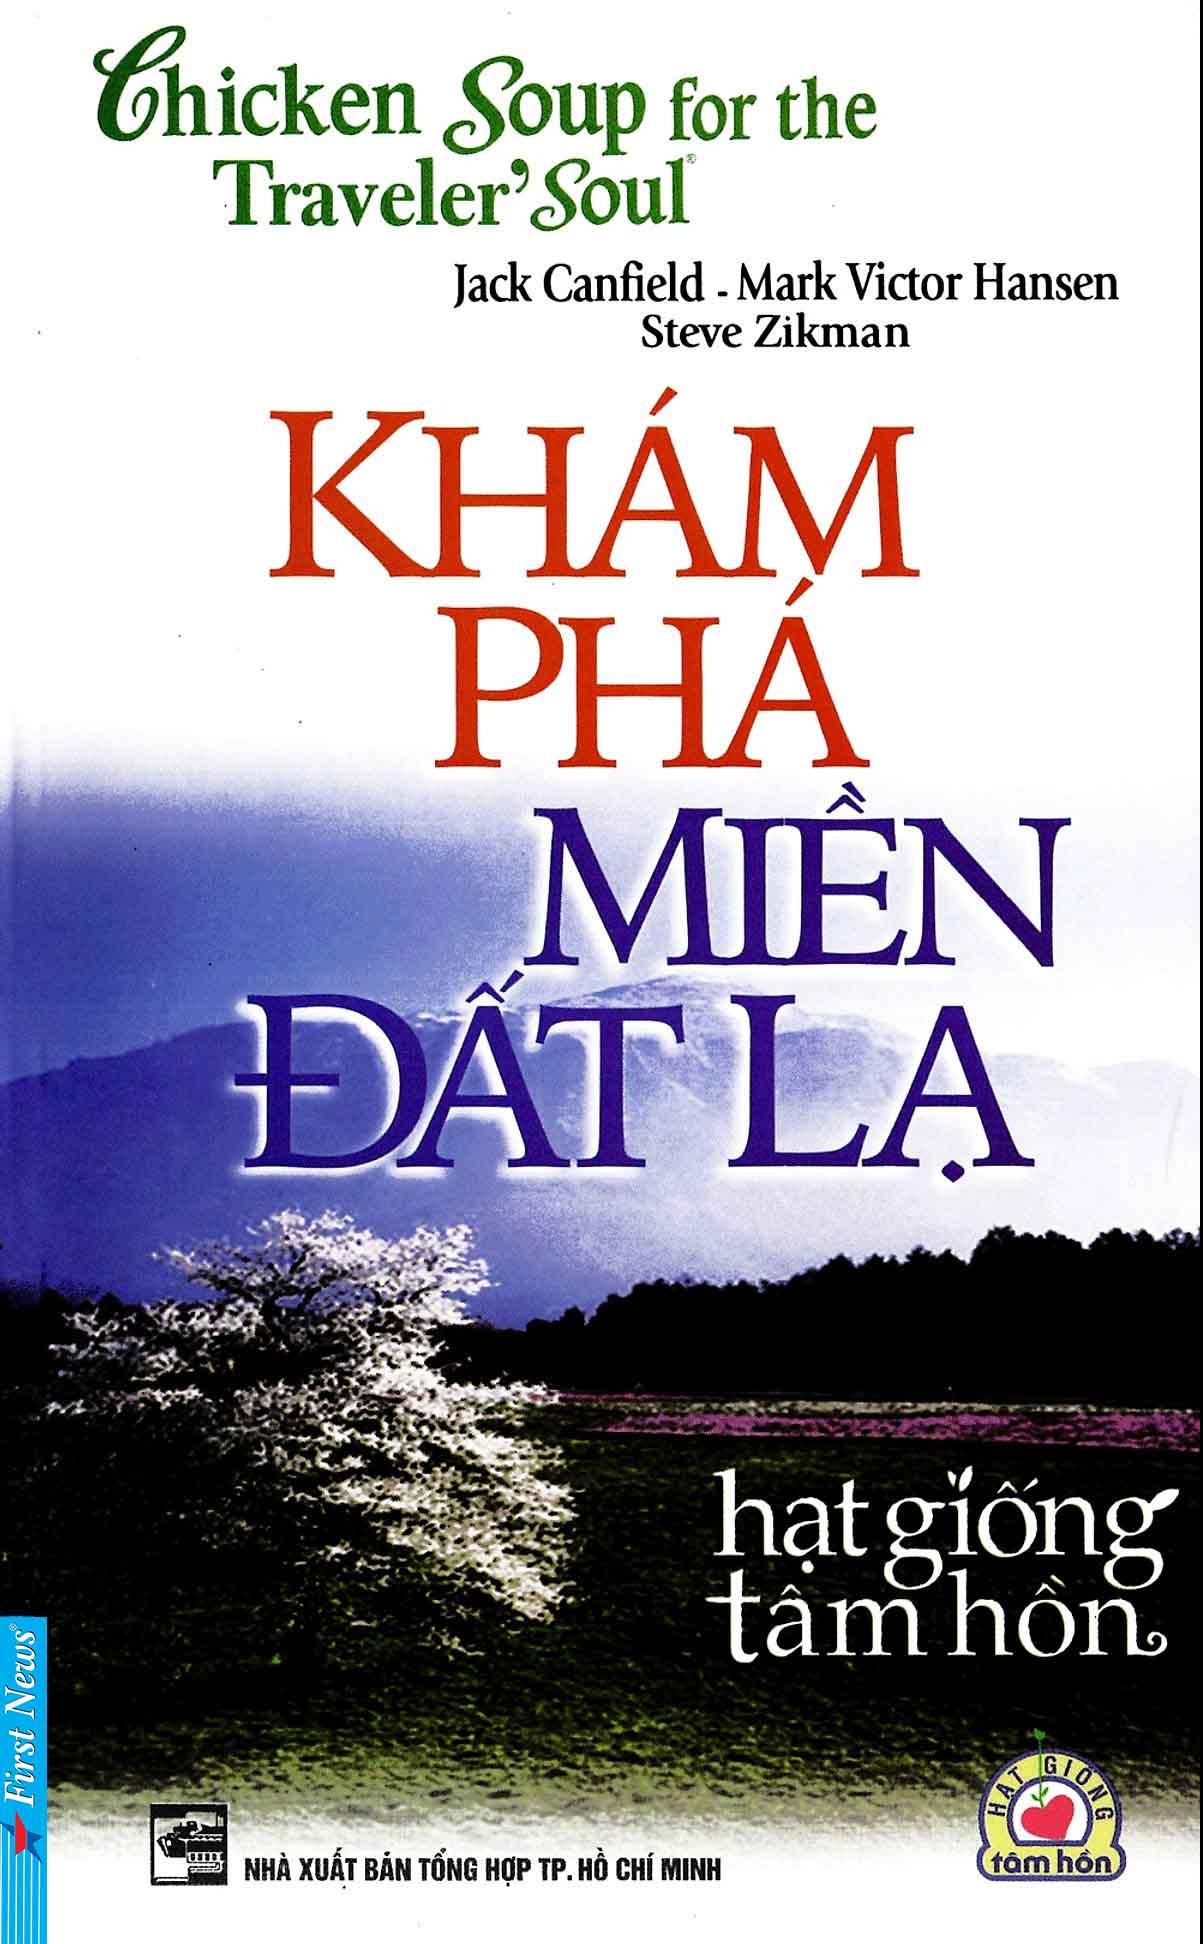 chicken-soup-for-the-soul-kham-pha-mien-dat-la.png